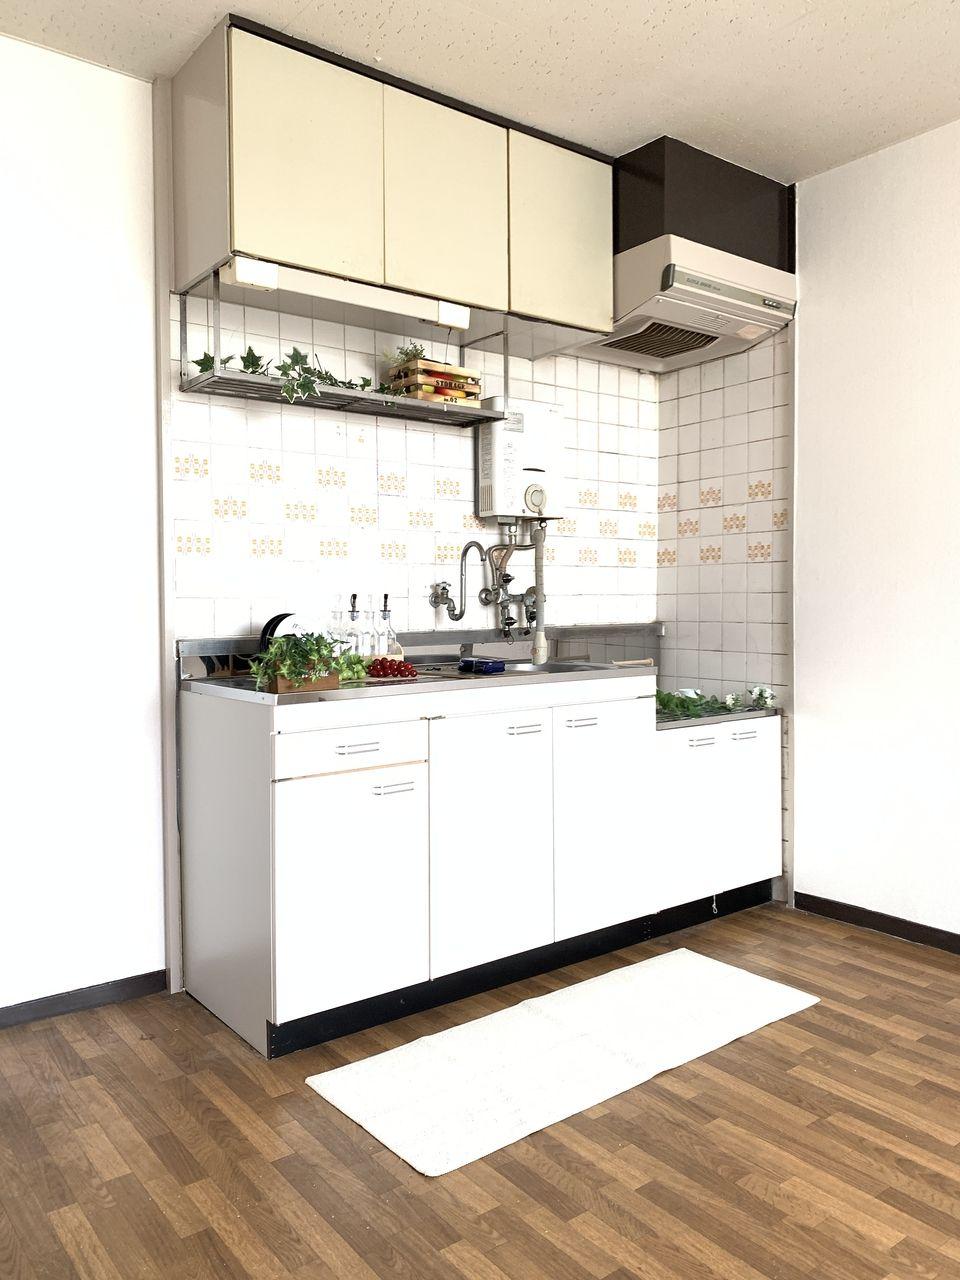 ハイツ富士401号室キッチンの写真です